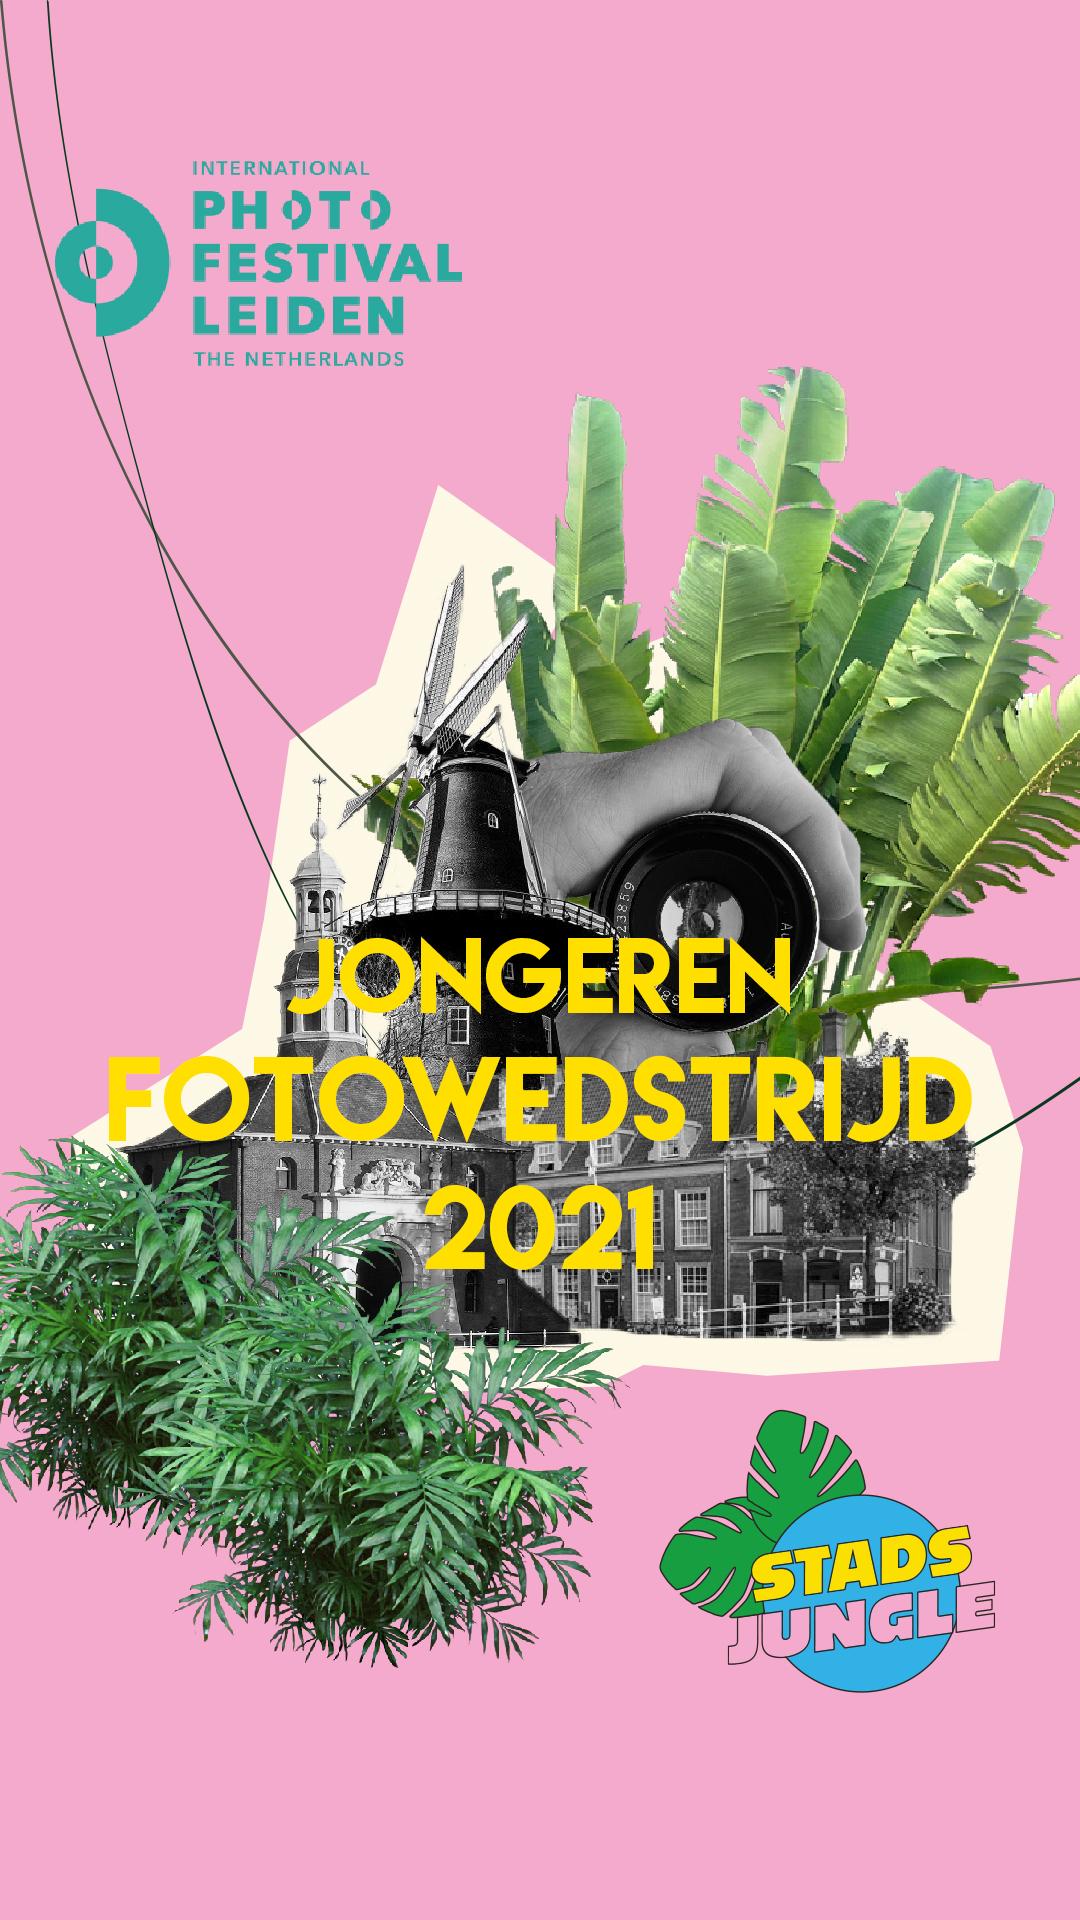 Jongeren fotowedstrijd Leiden